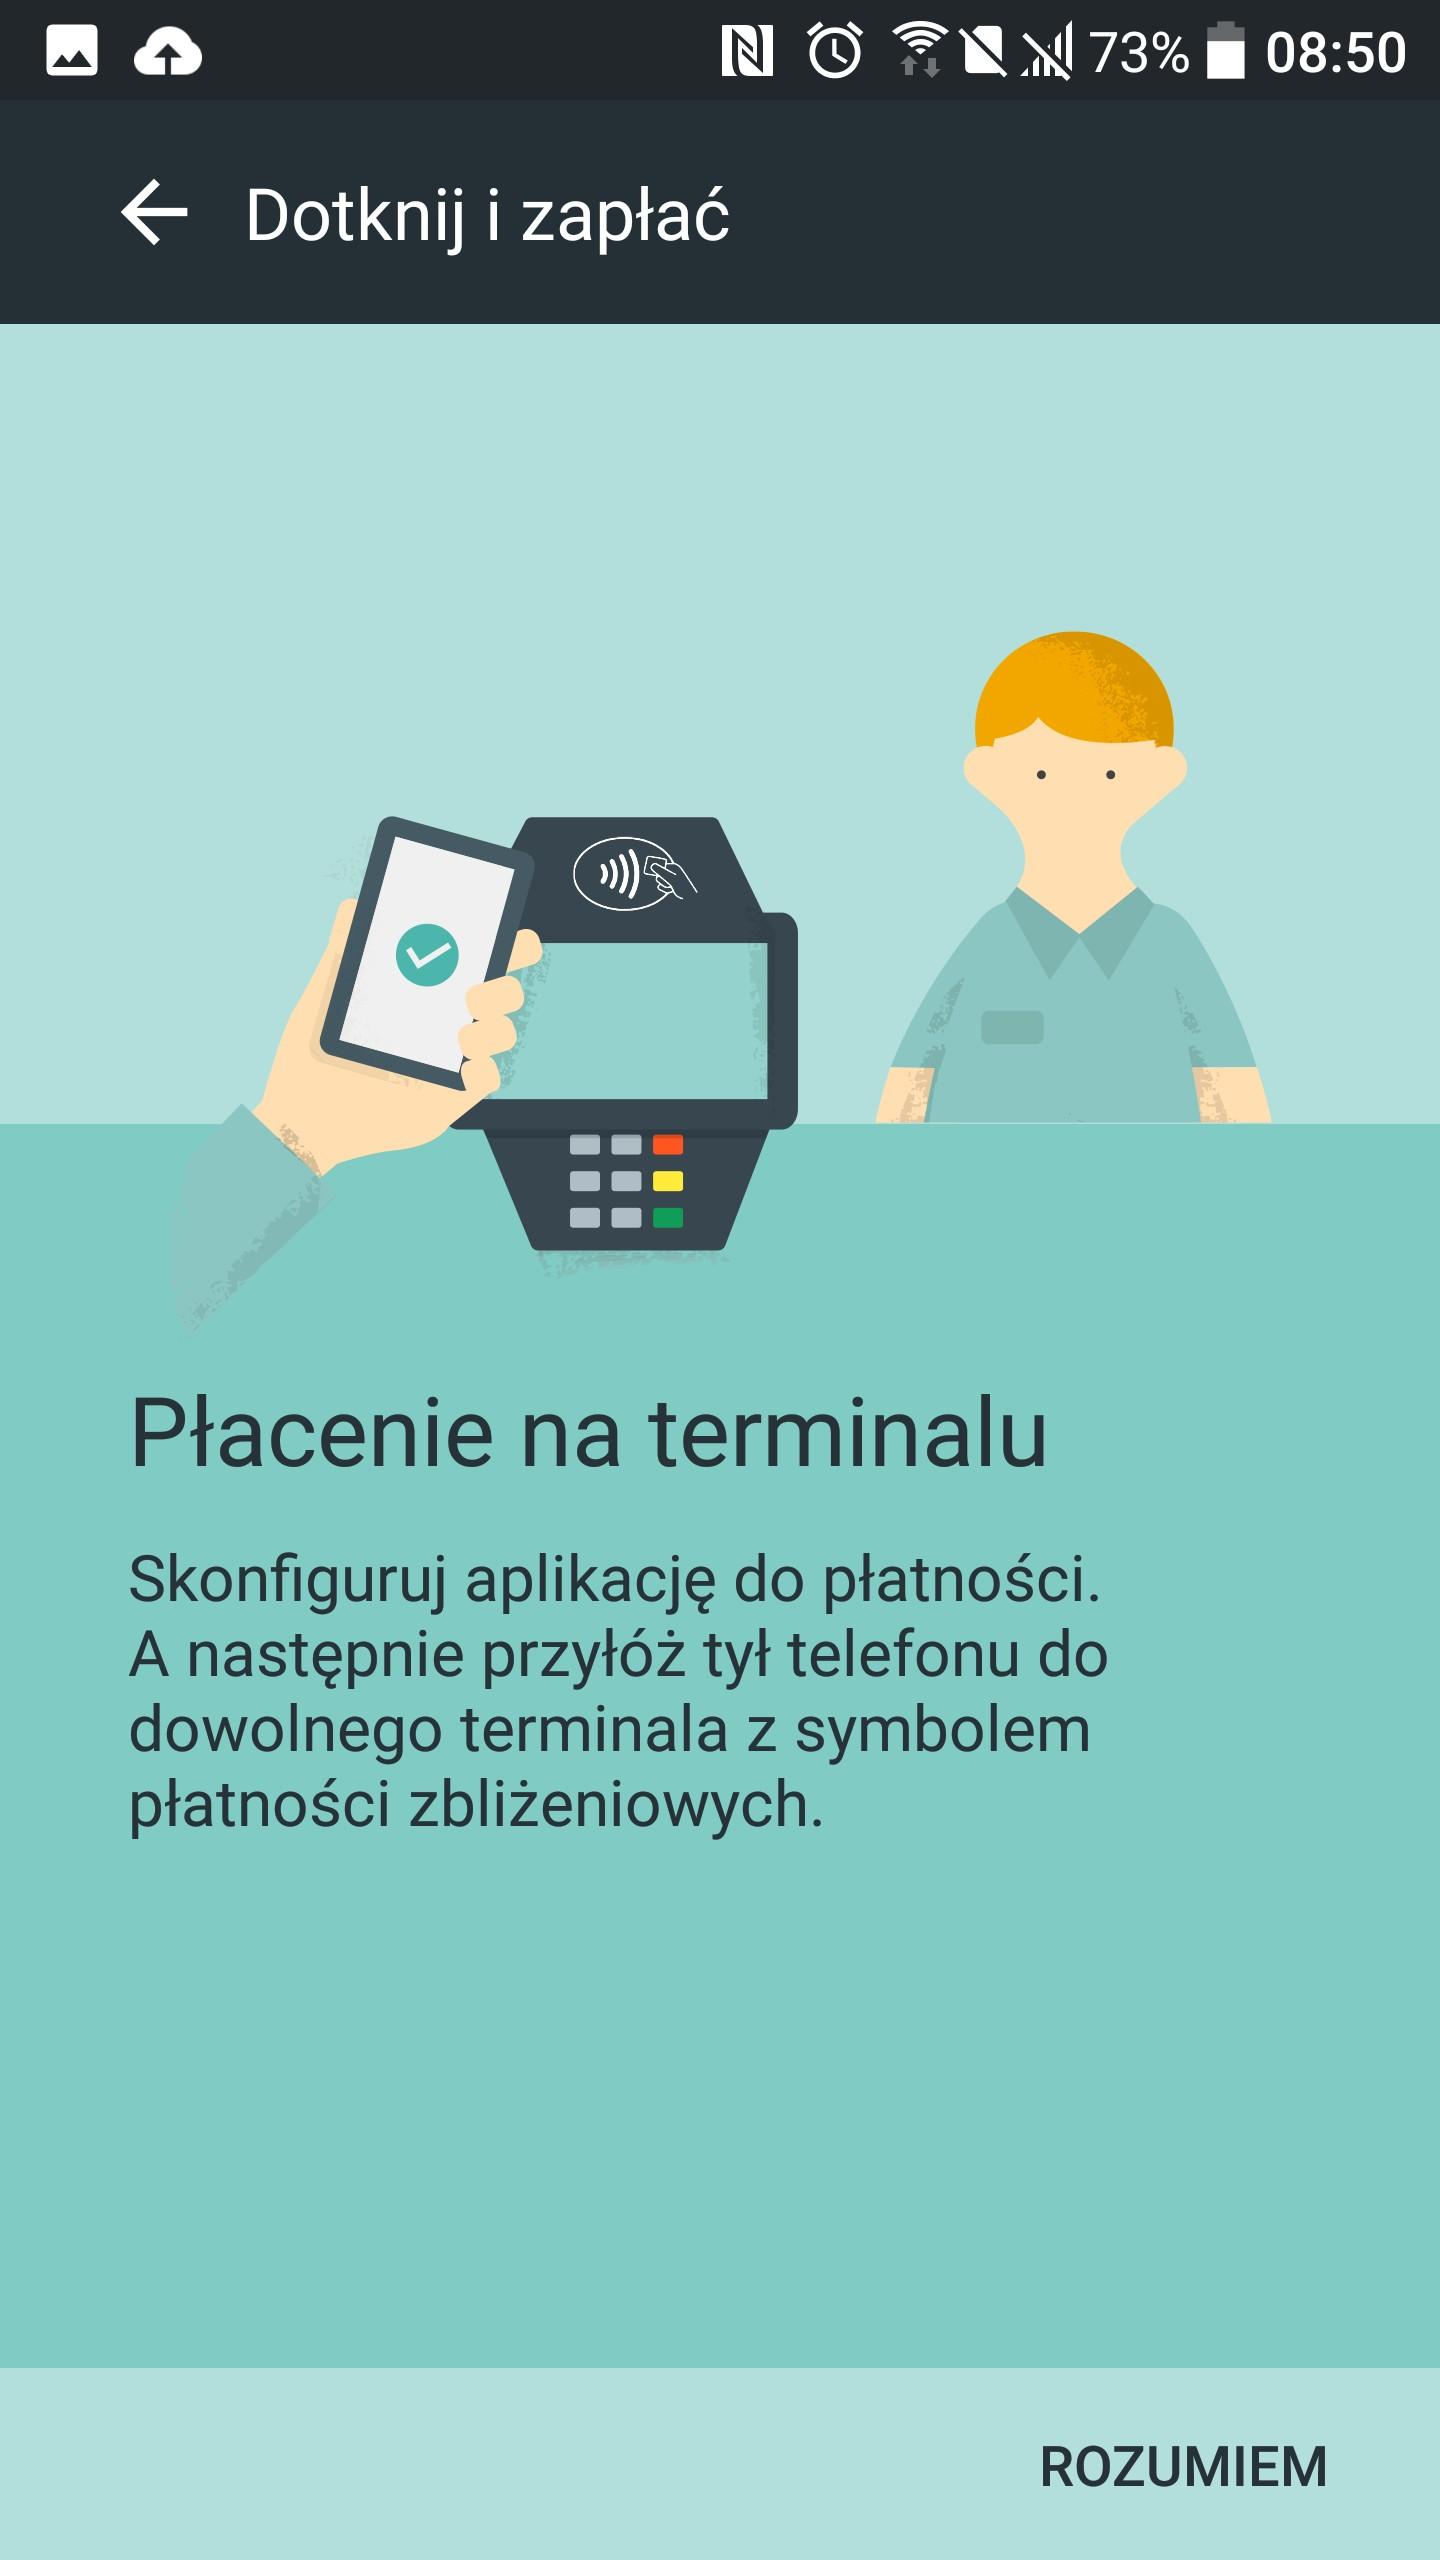 Z HTC 10 zapłacisz zbliżeniowo za zakupy - sprawdziłem na wielu terminalach i działa - recenzja 90sekund.pl